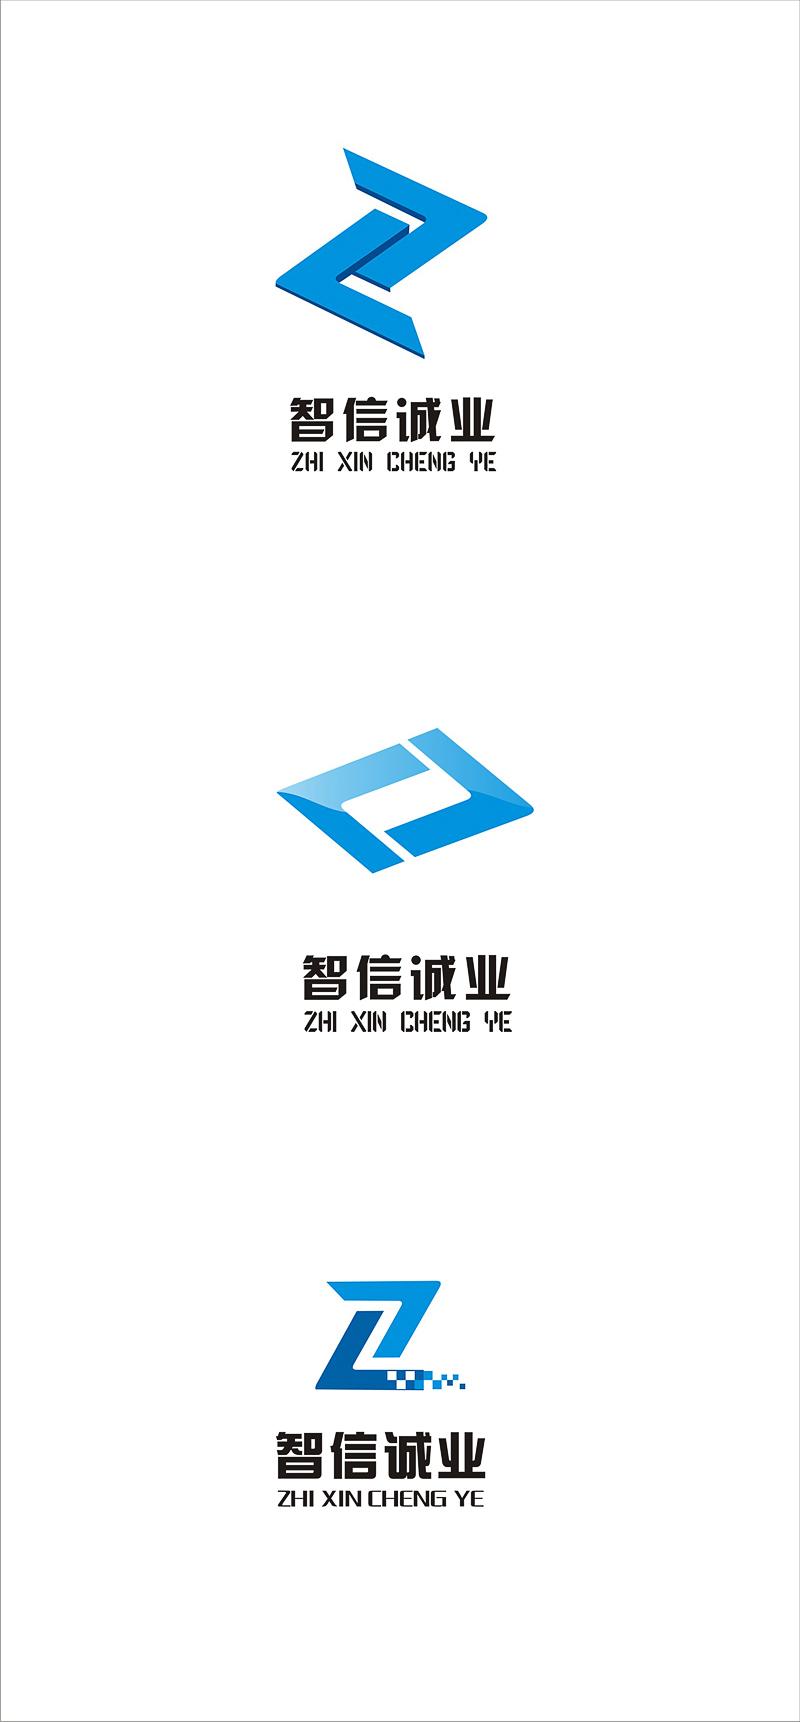 智信诚业科技公司logo及名片设计